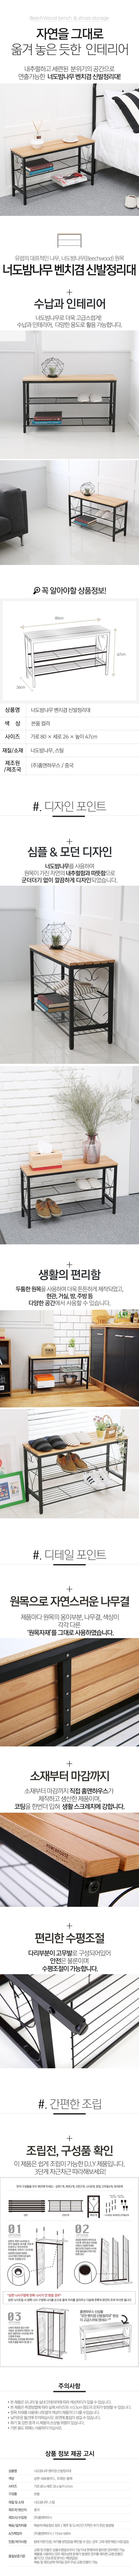 너도밤나무 벤치겸 신발정리대 - 홈앤하우스, 48,300원, 수납/선반장, 신발정리대/신발장